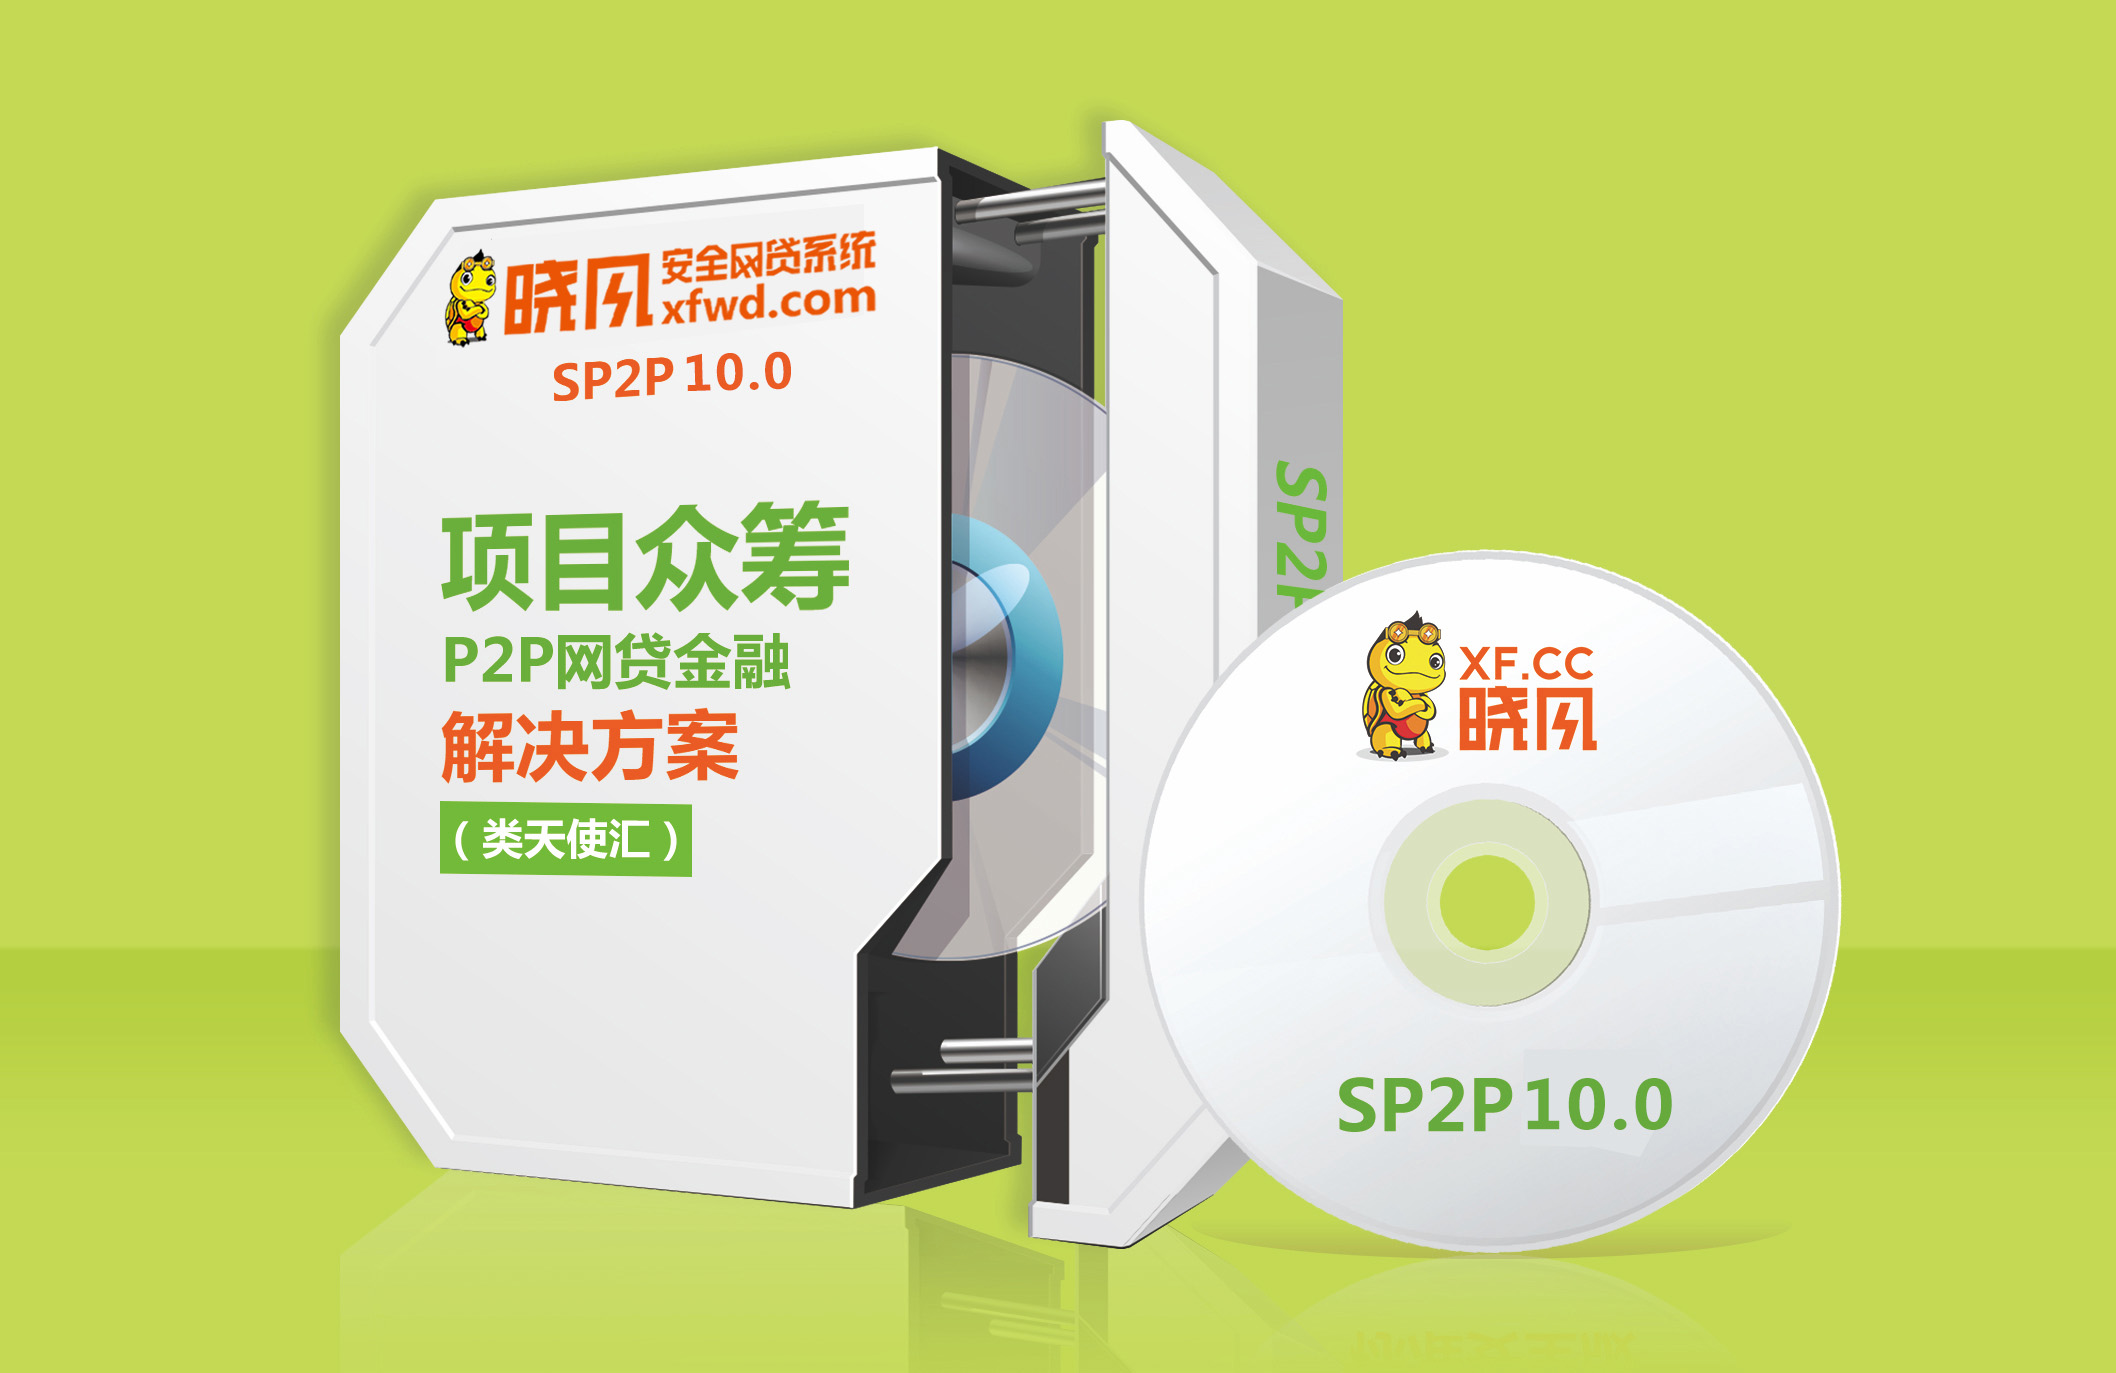 项目众筹P2P网贷金融解决方案(类天使汇)